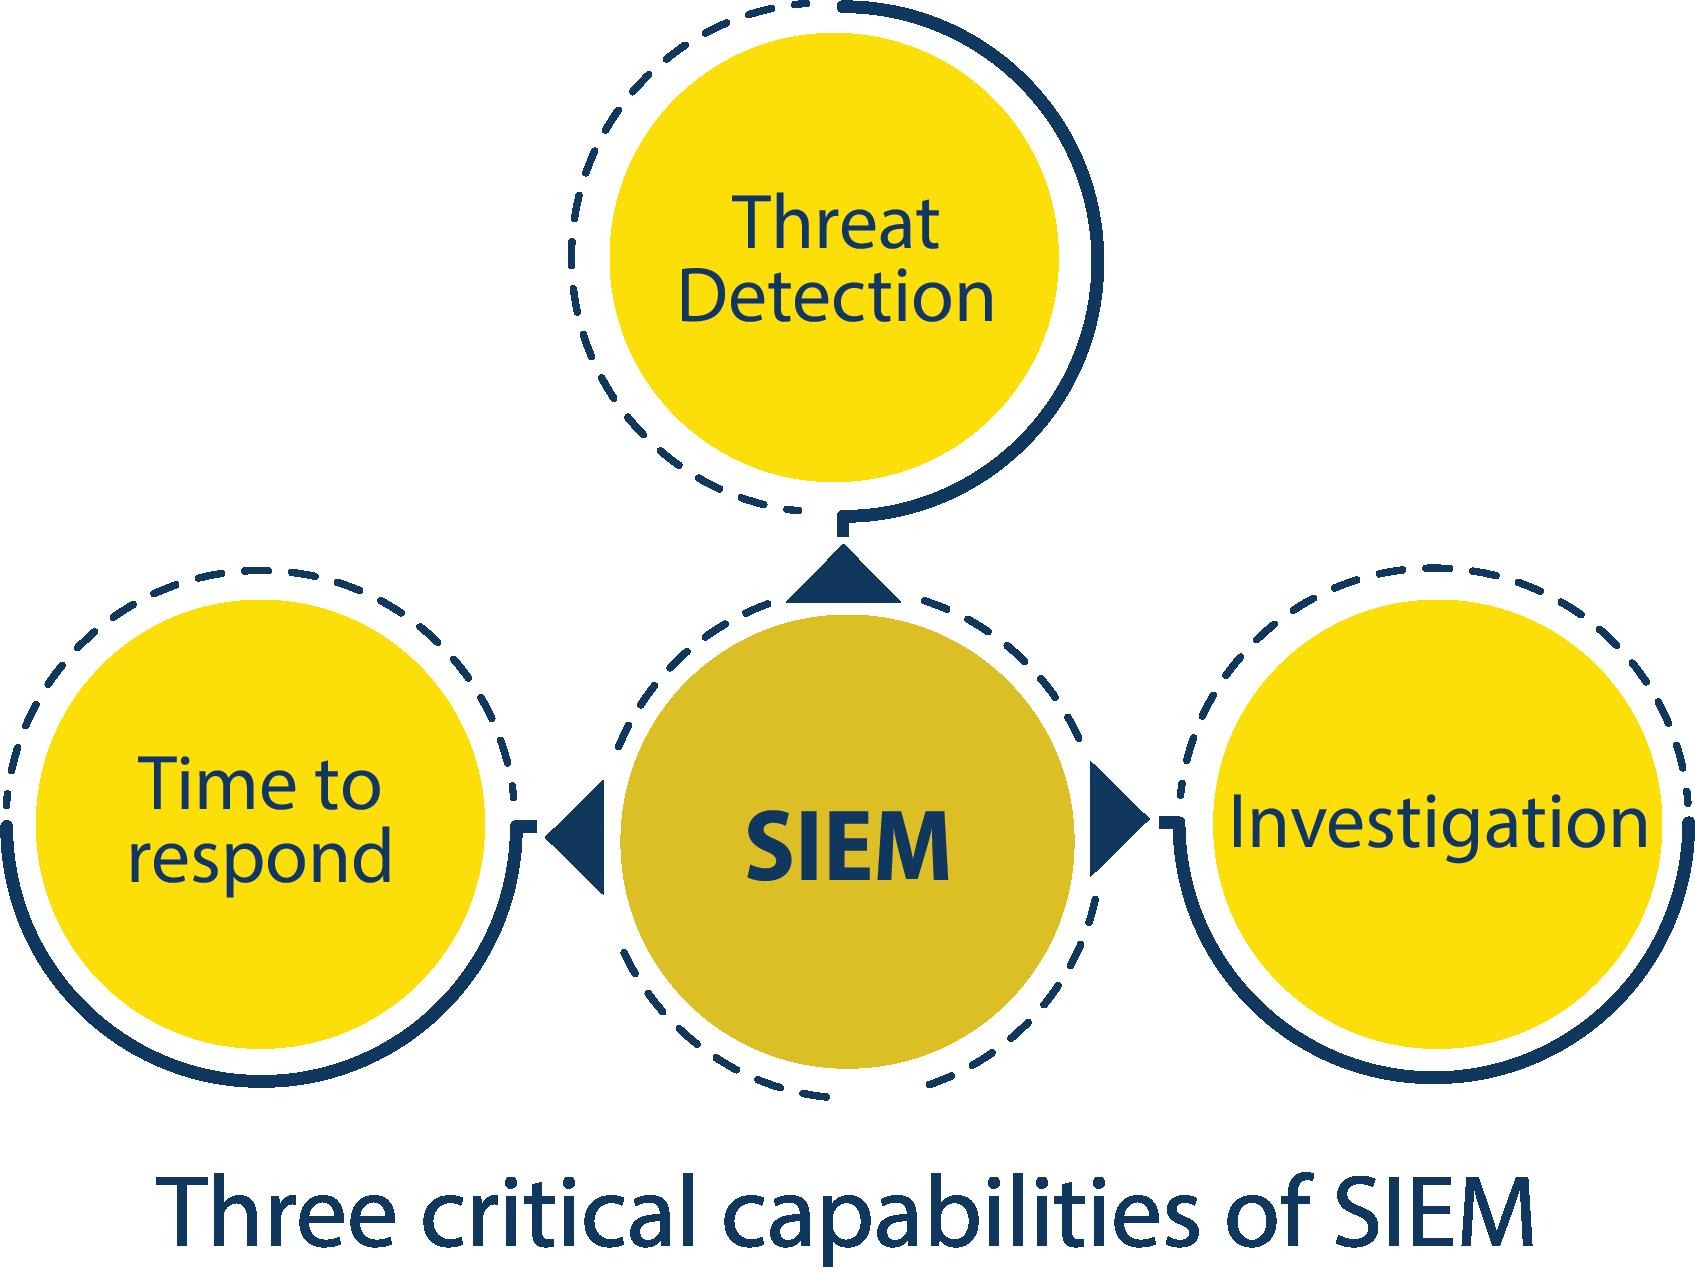 three critical capabilities of SIEM diagram